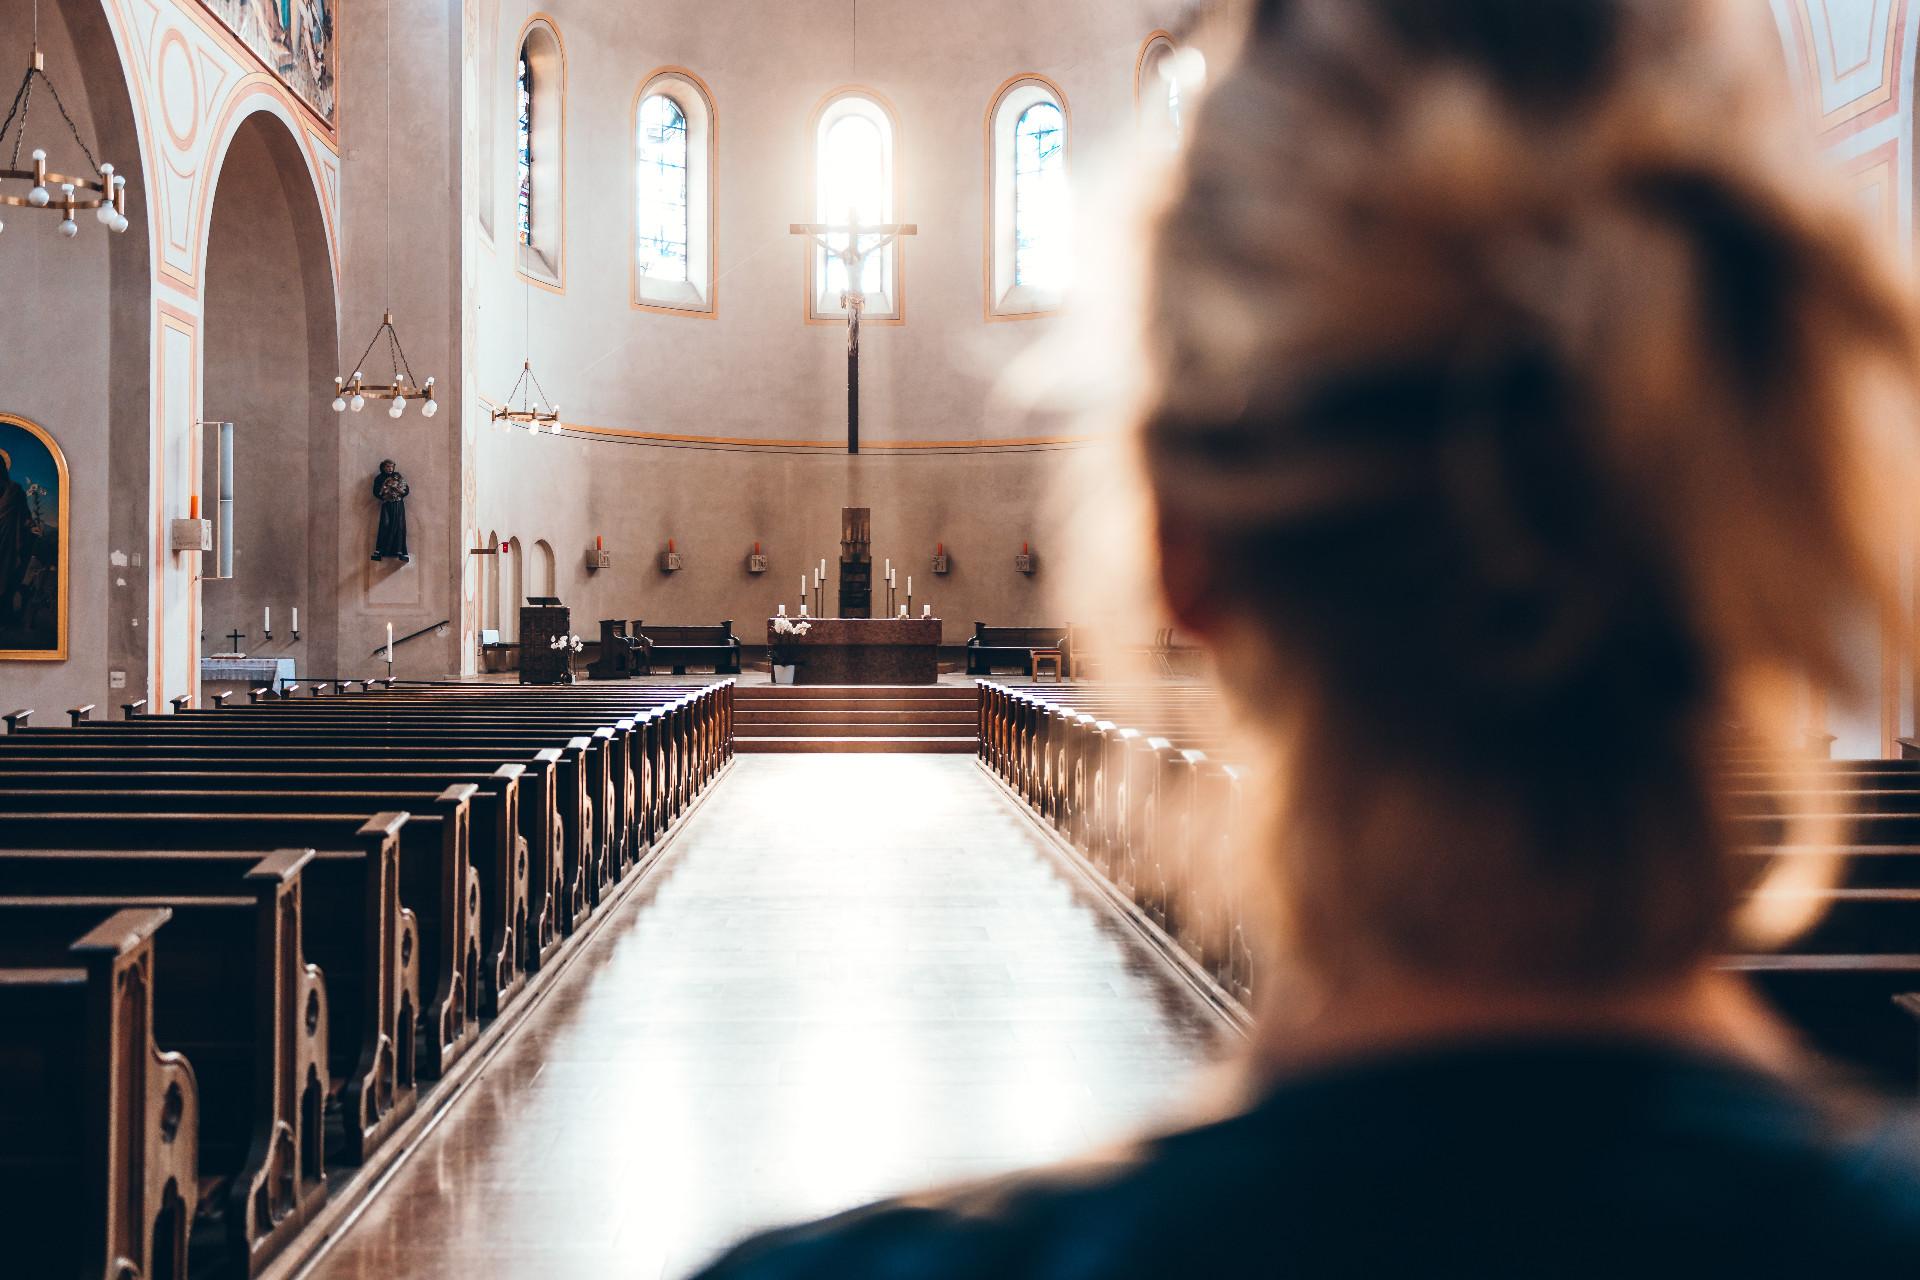 Moteris meldžiasi bažnyčioje